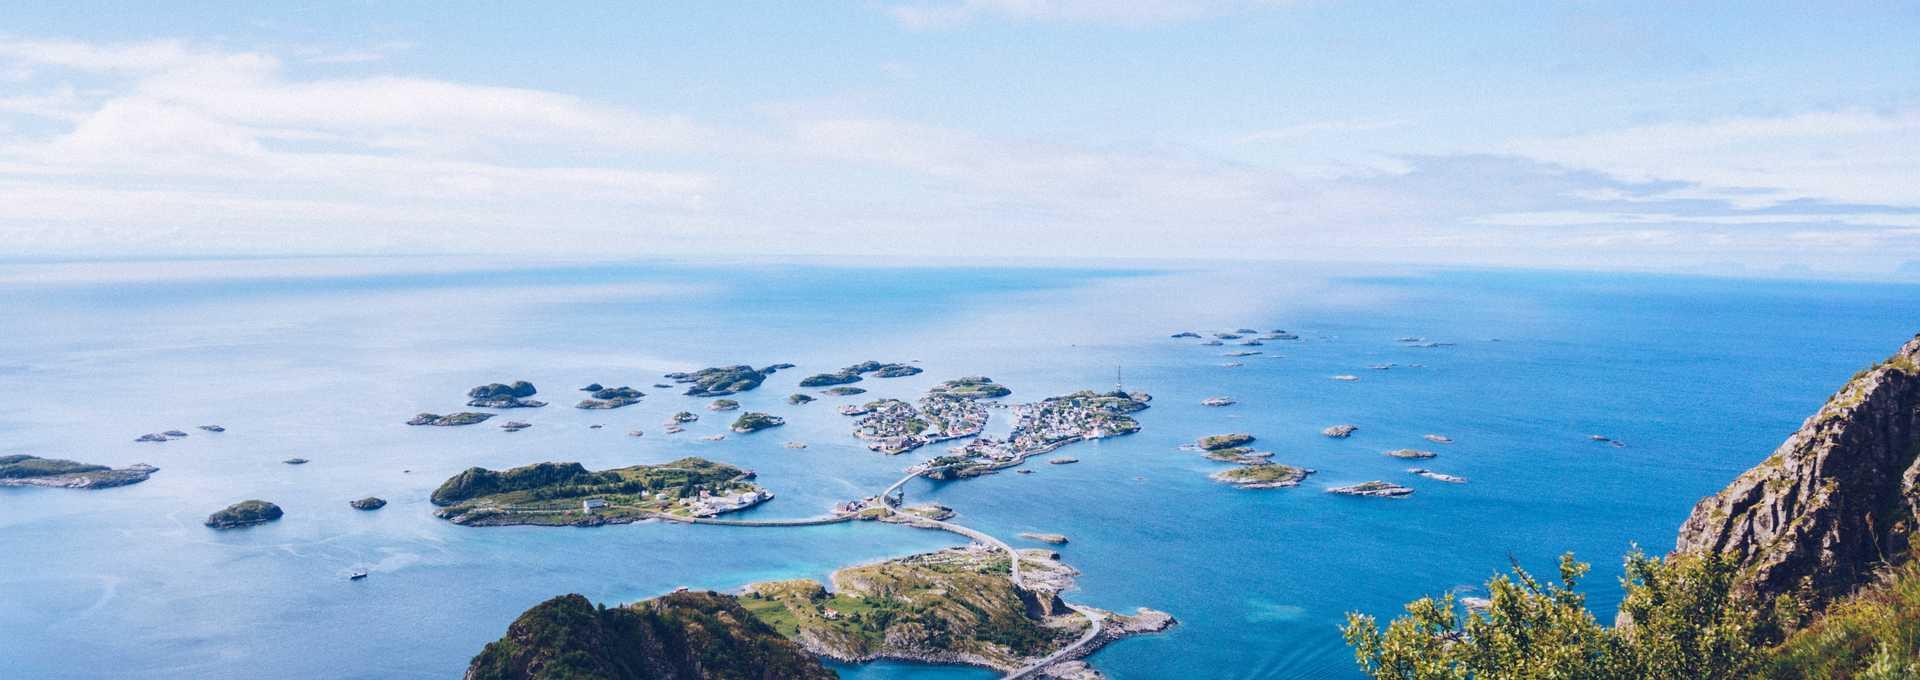 Randonnée en Norvège et panorama depuis le sommet des Lofoten